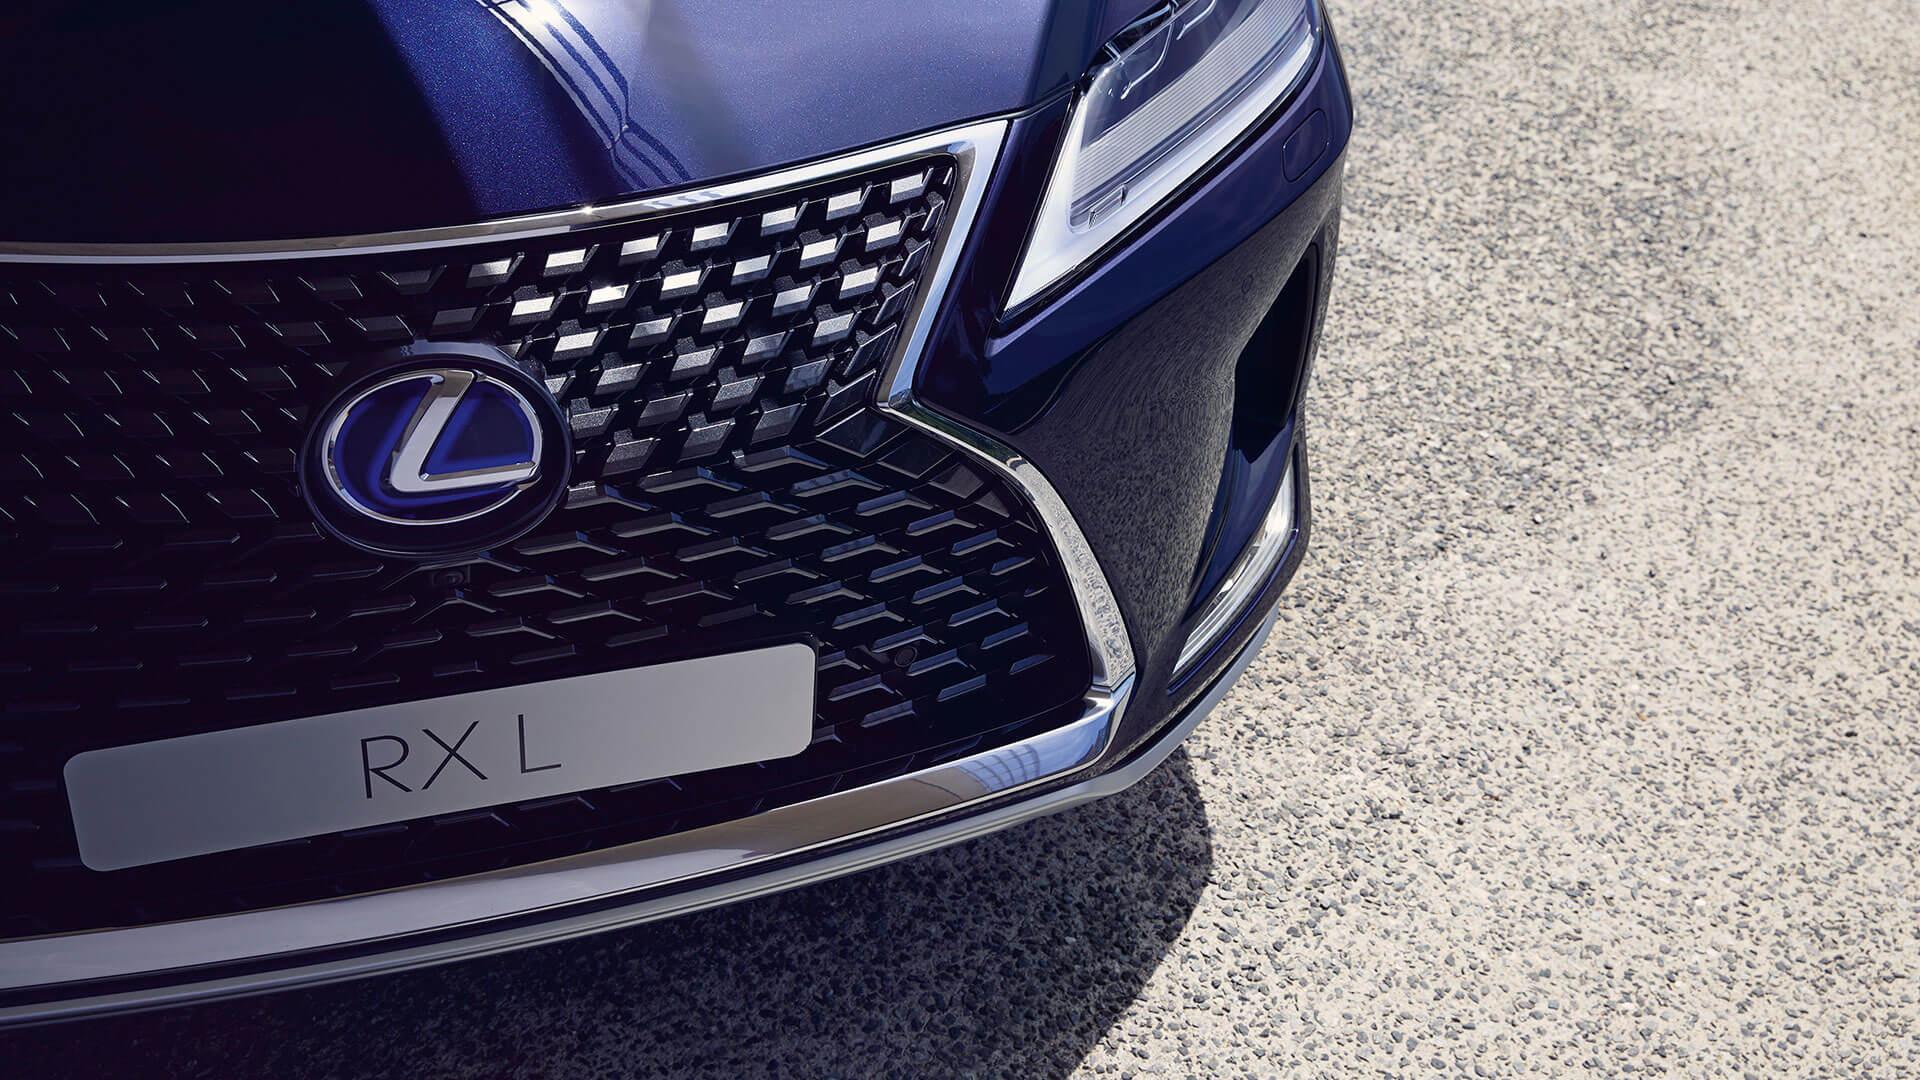 2019 lexus rxl hotspot lexus front grille